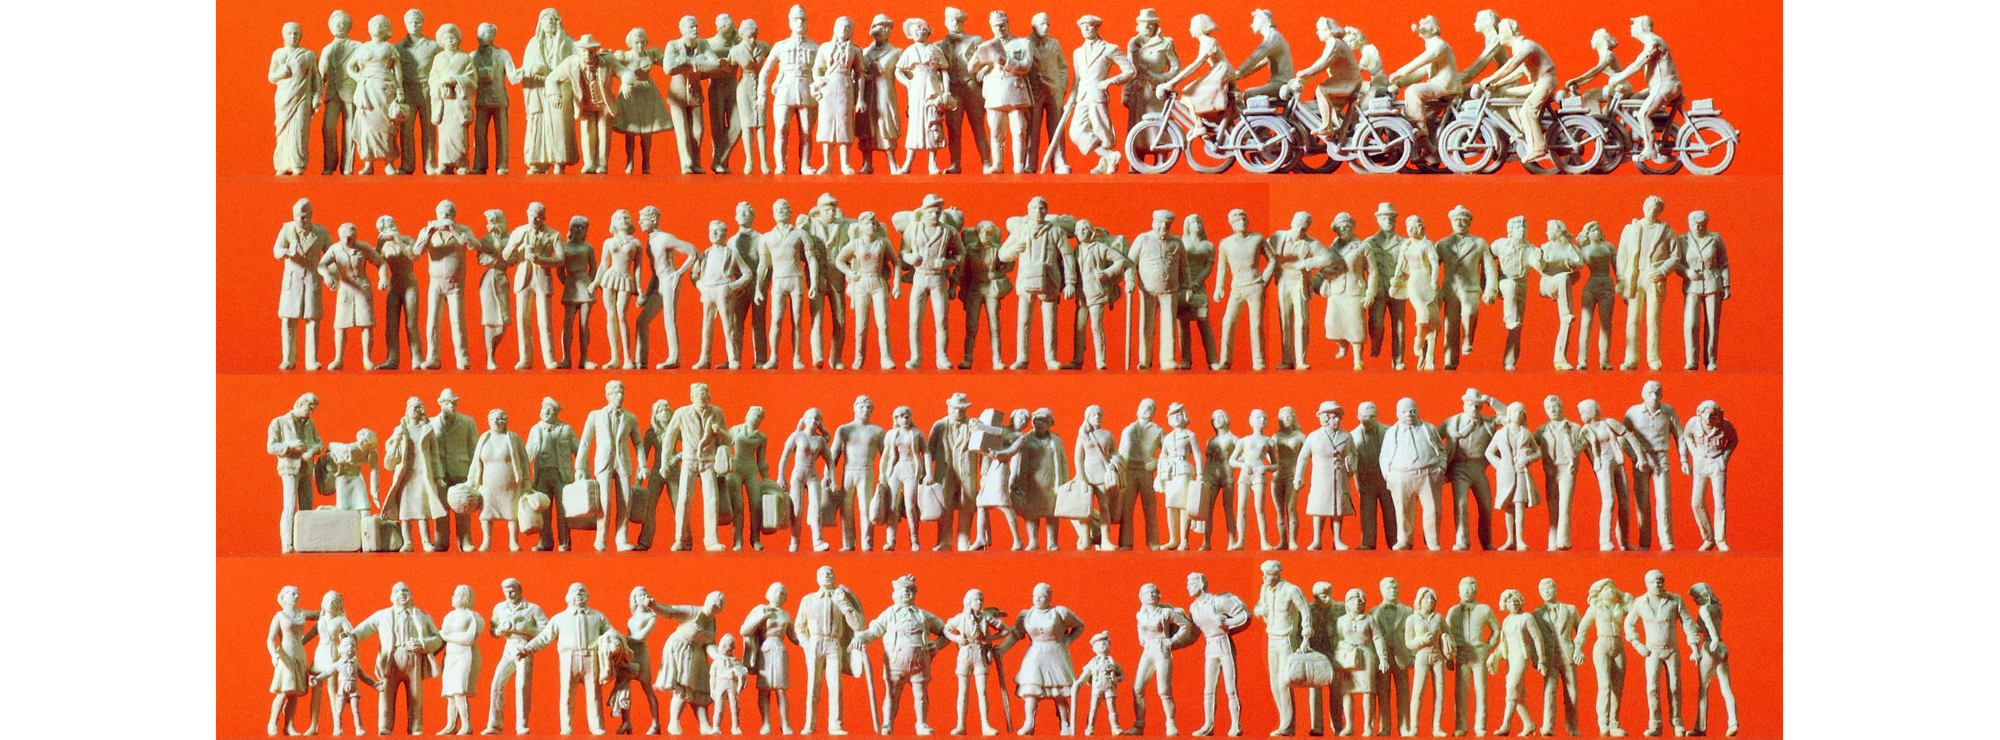 H0 120 unbemalte Figuren 1:87 Preiser 16337 Reisende und Passanten